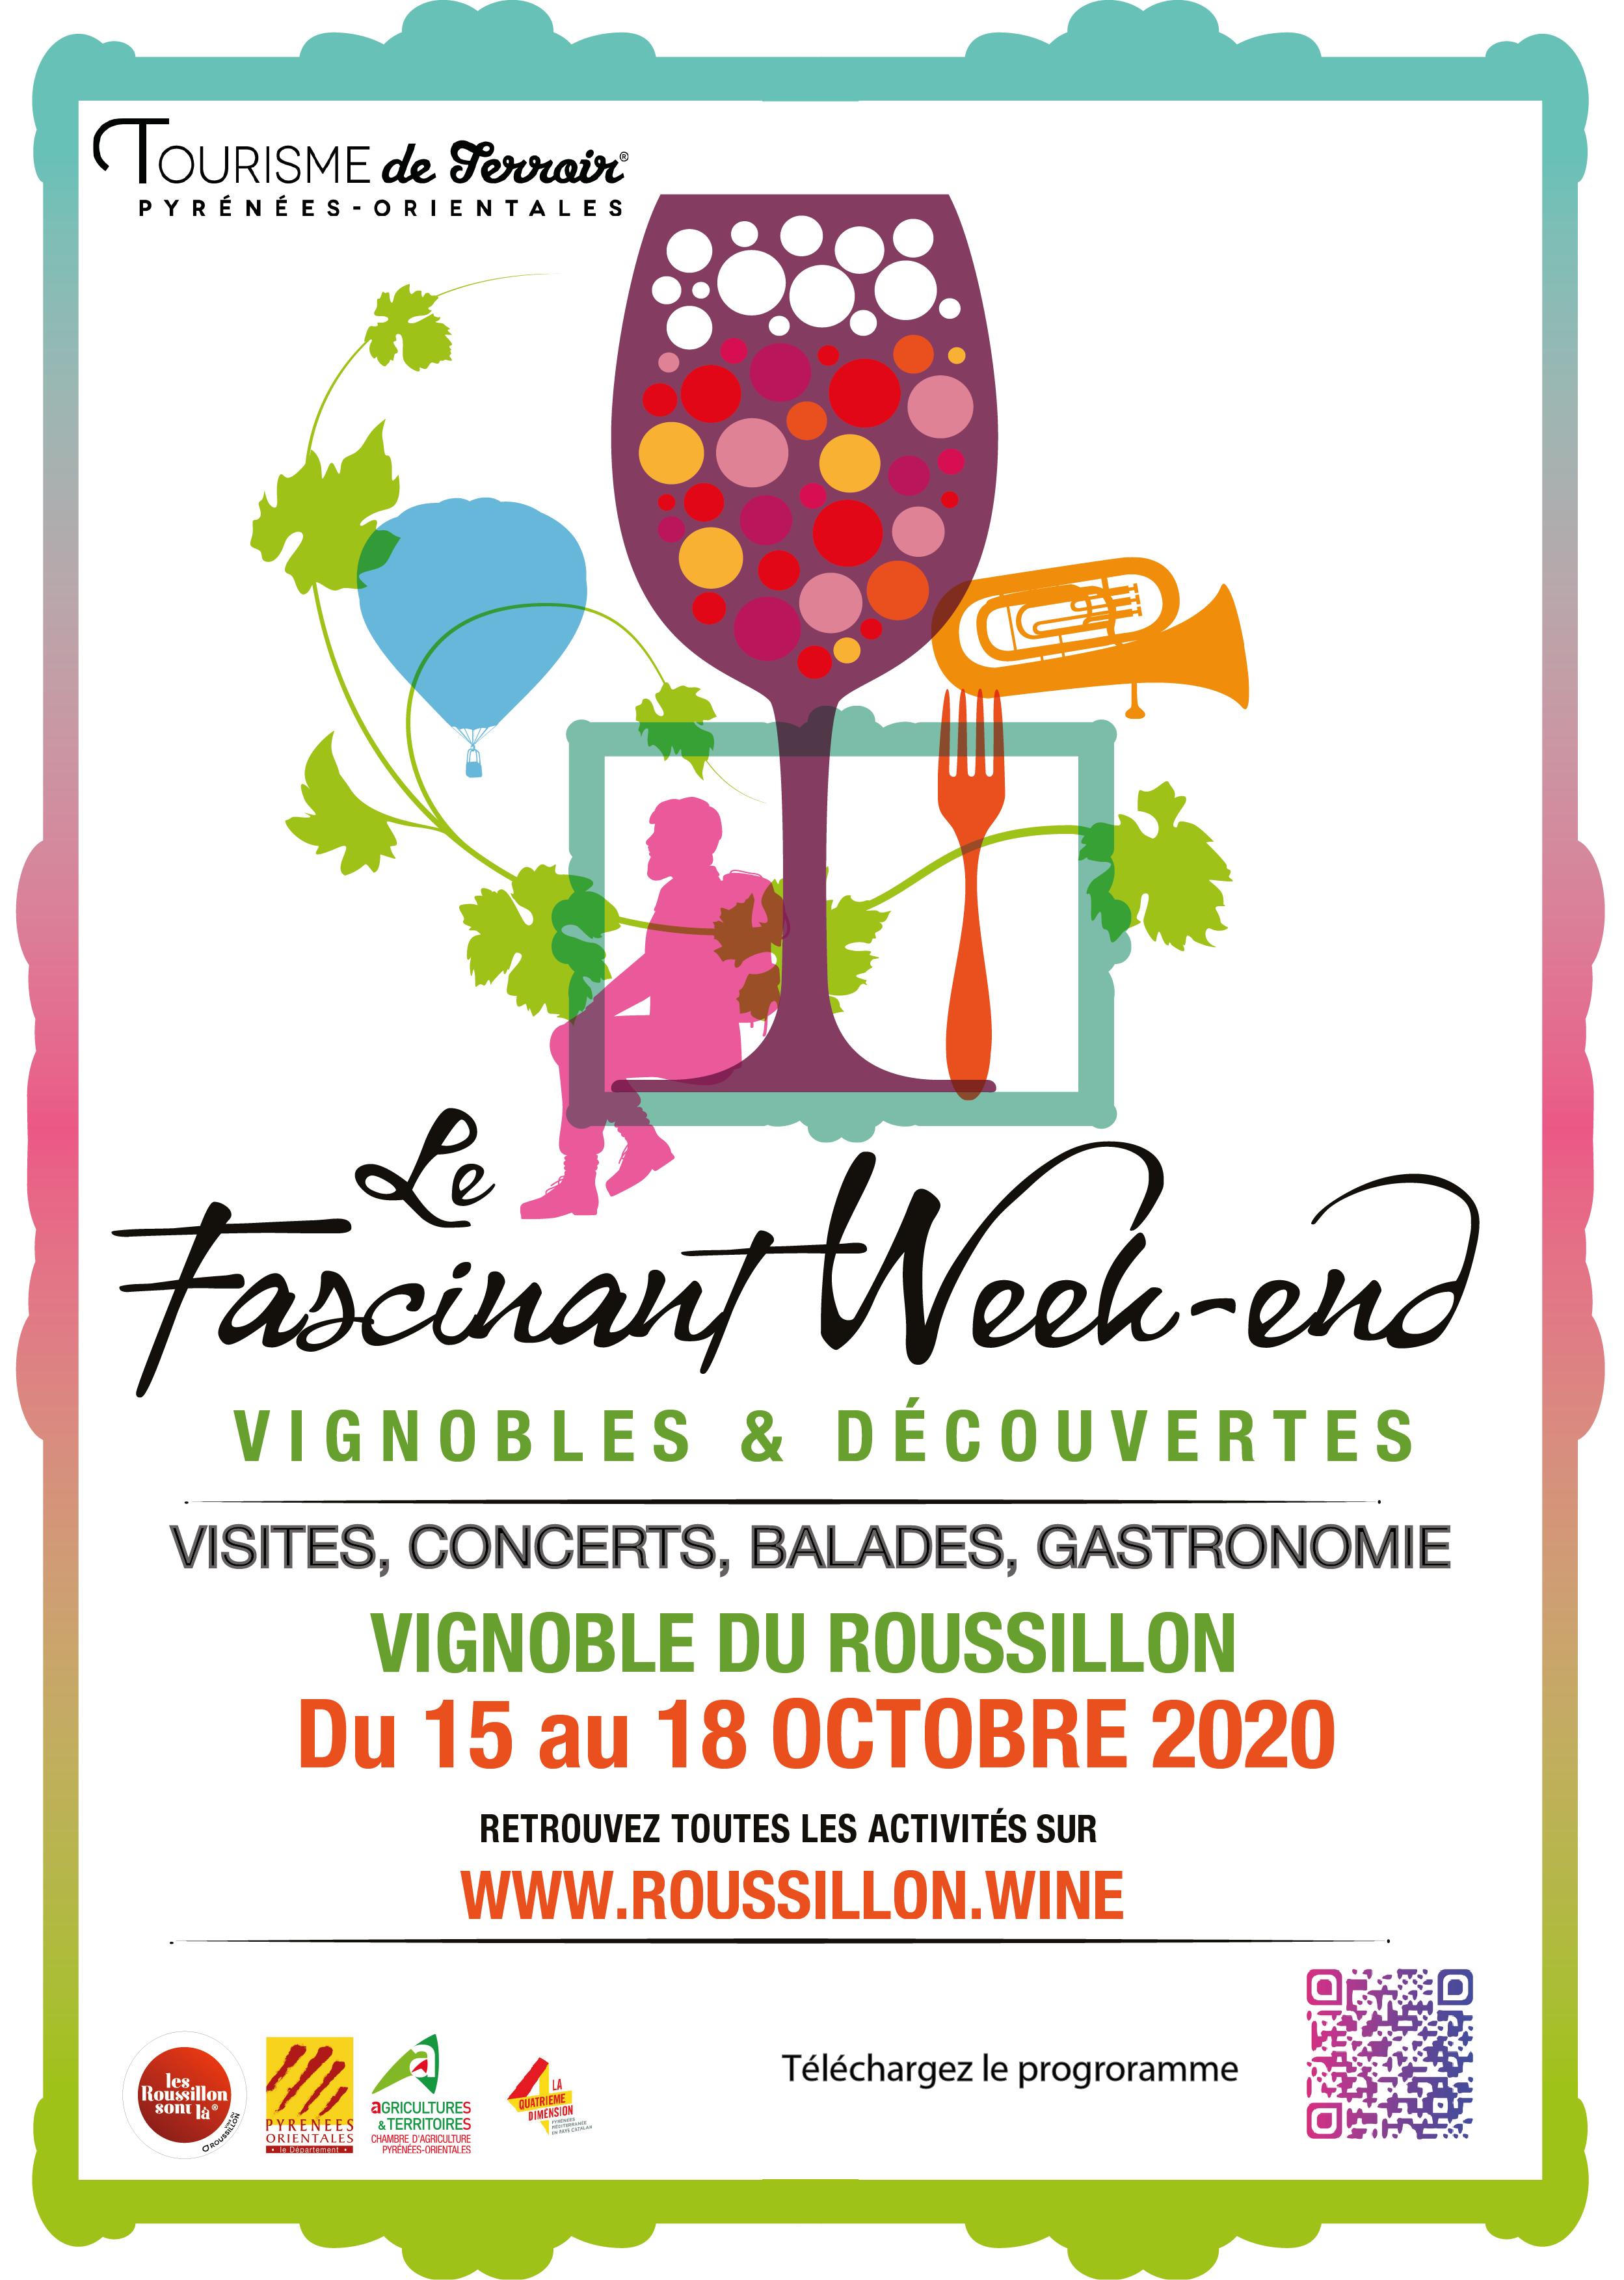 Le Fascinant Week-end : L'oenotourisme en fête à Perpignan Méditerranée